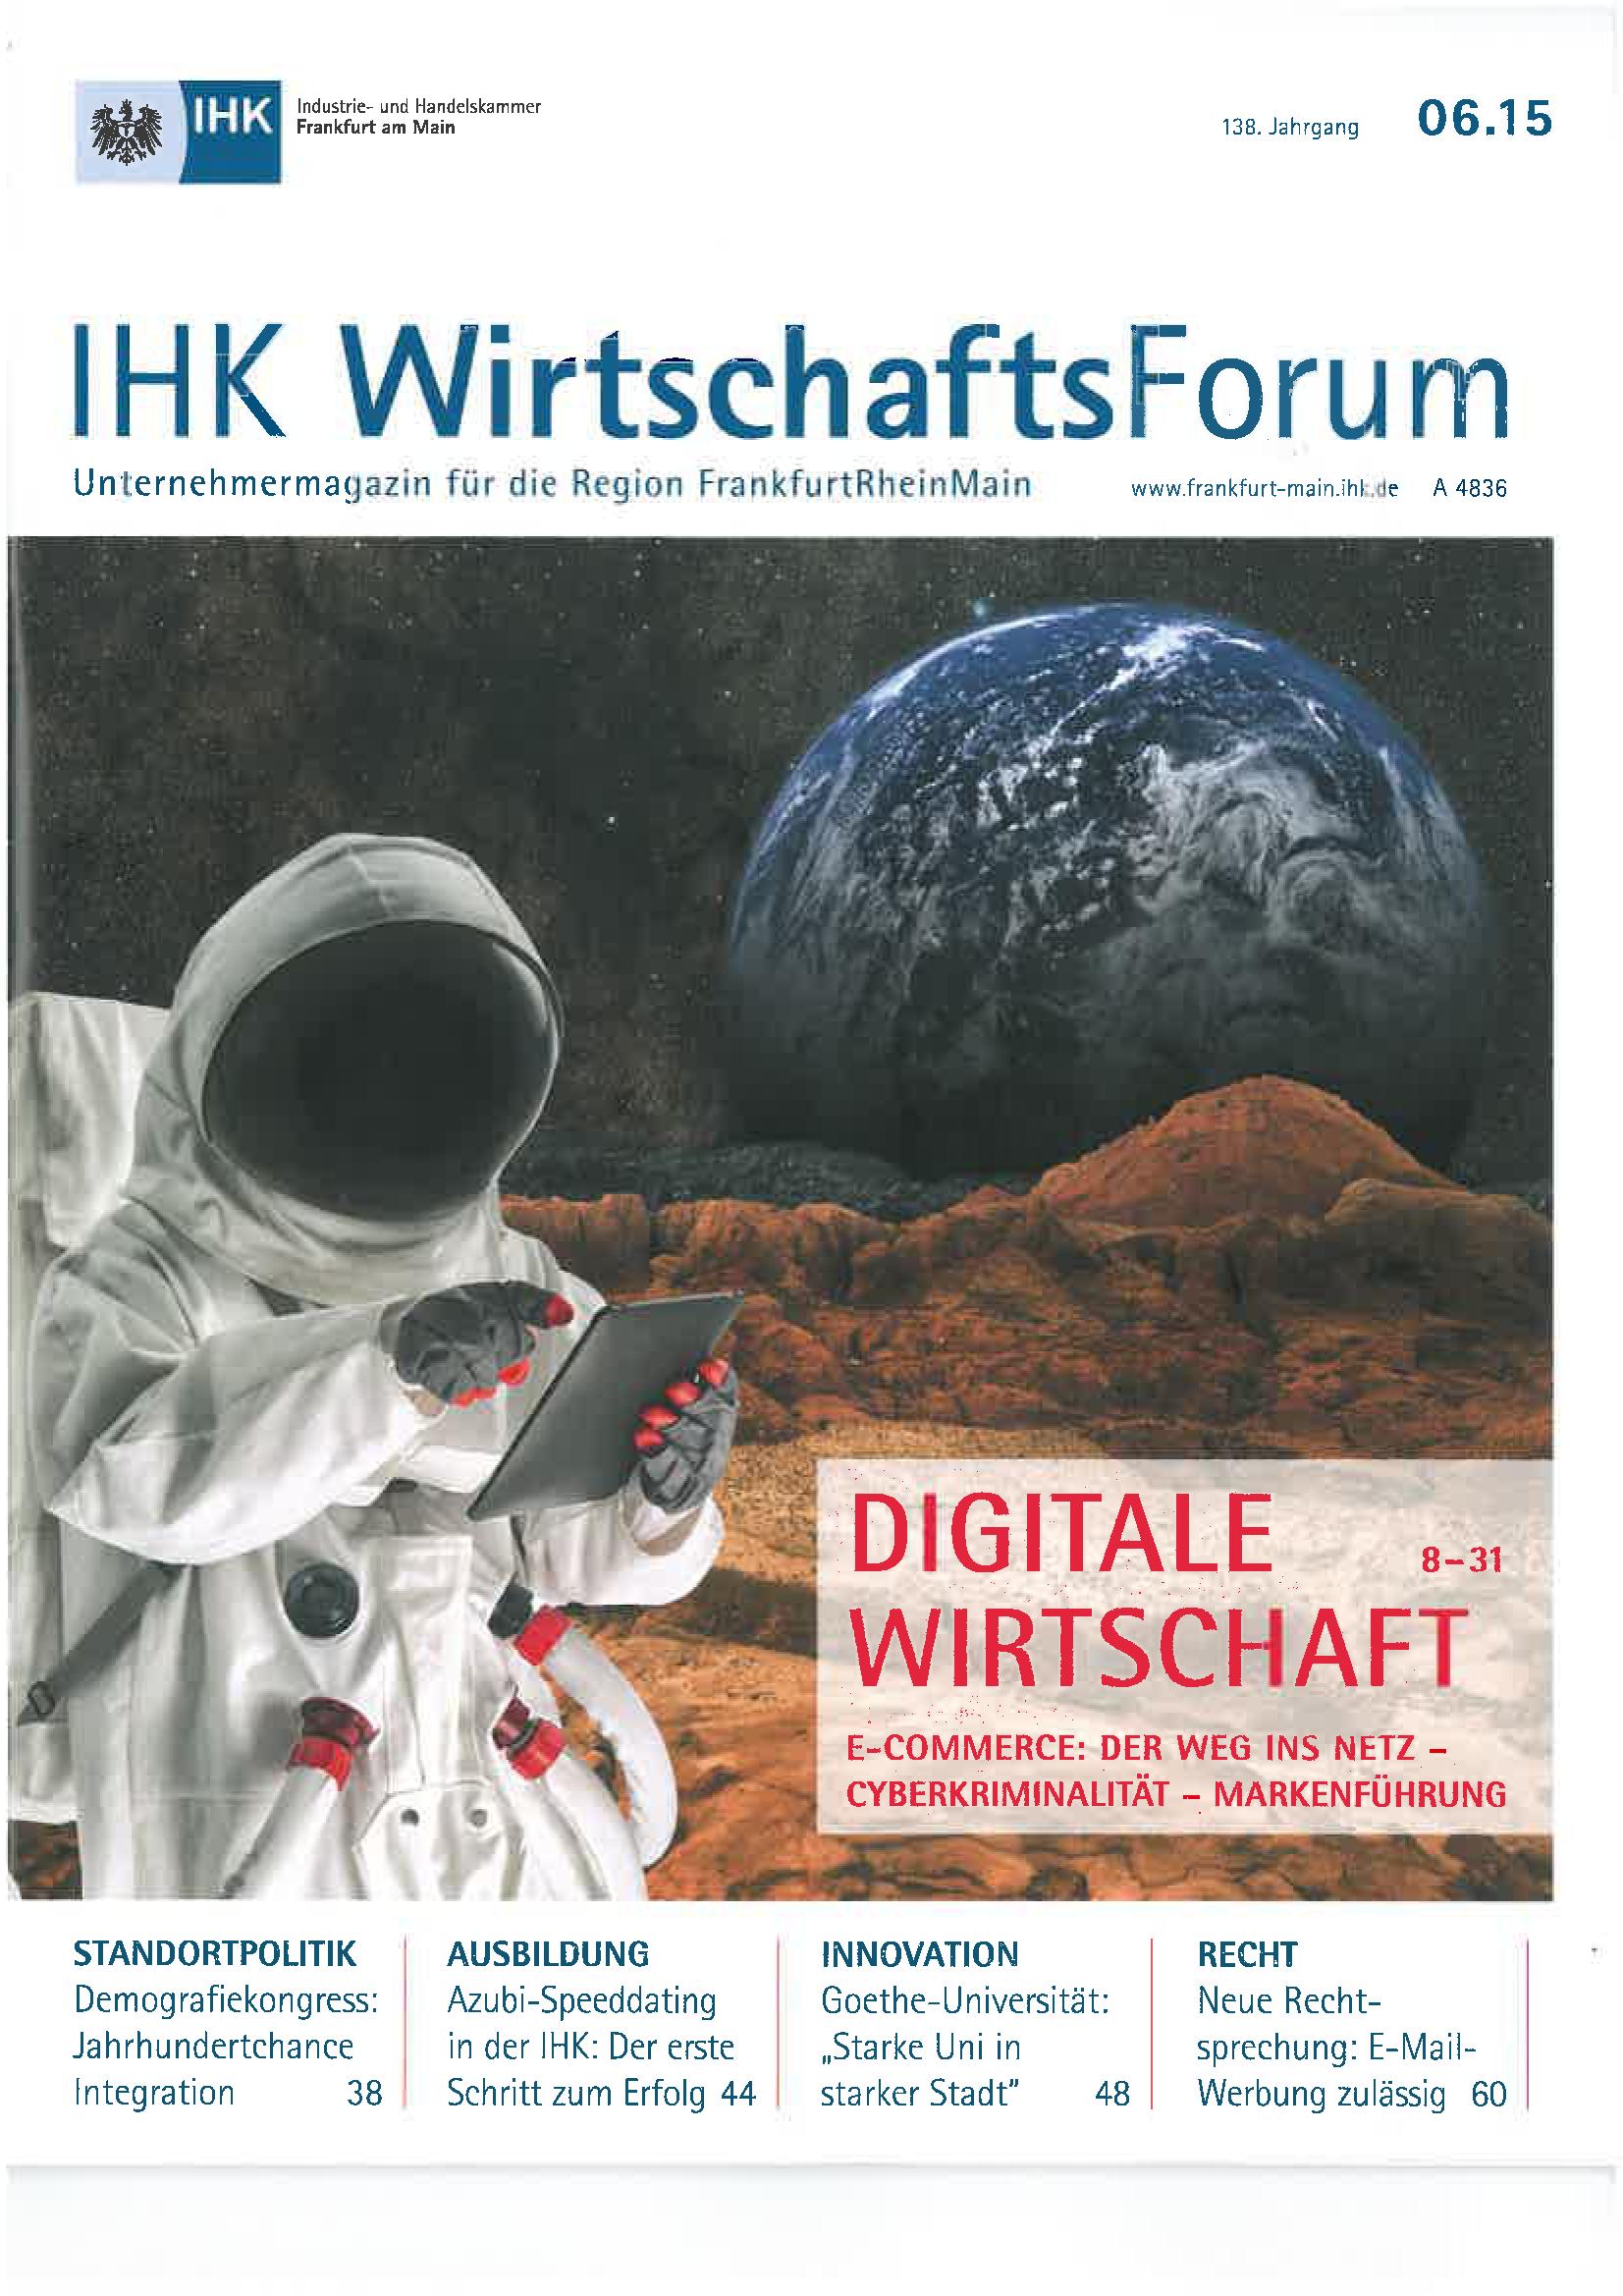 IHK_Wirtschaftsforum_06_15